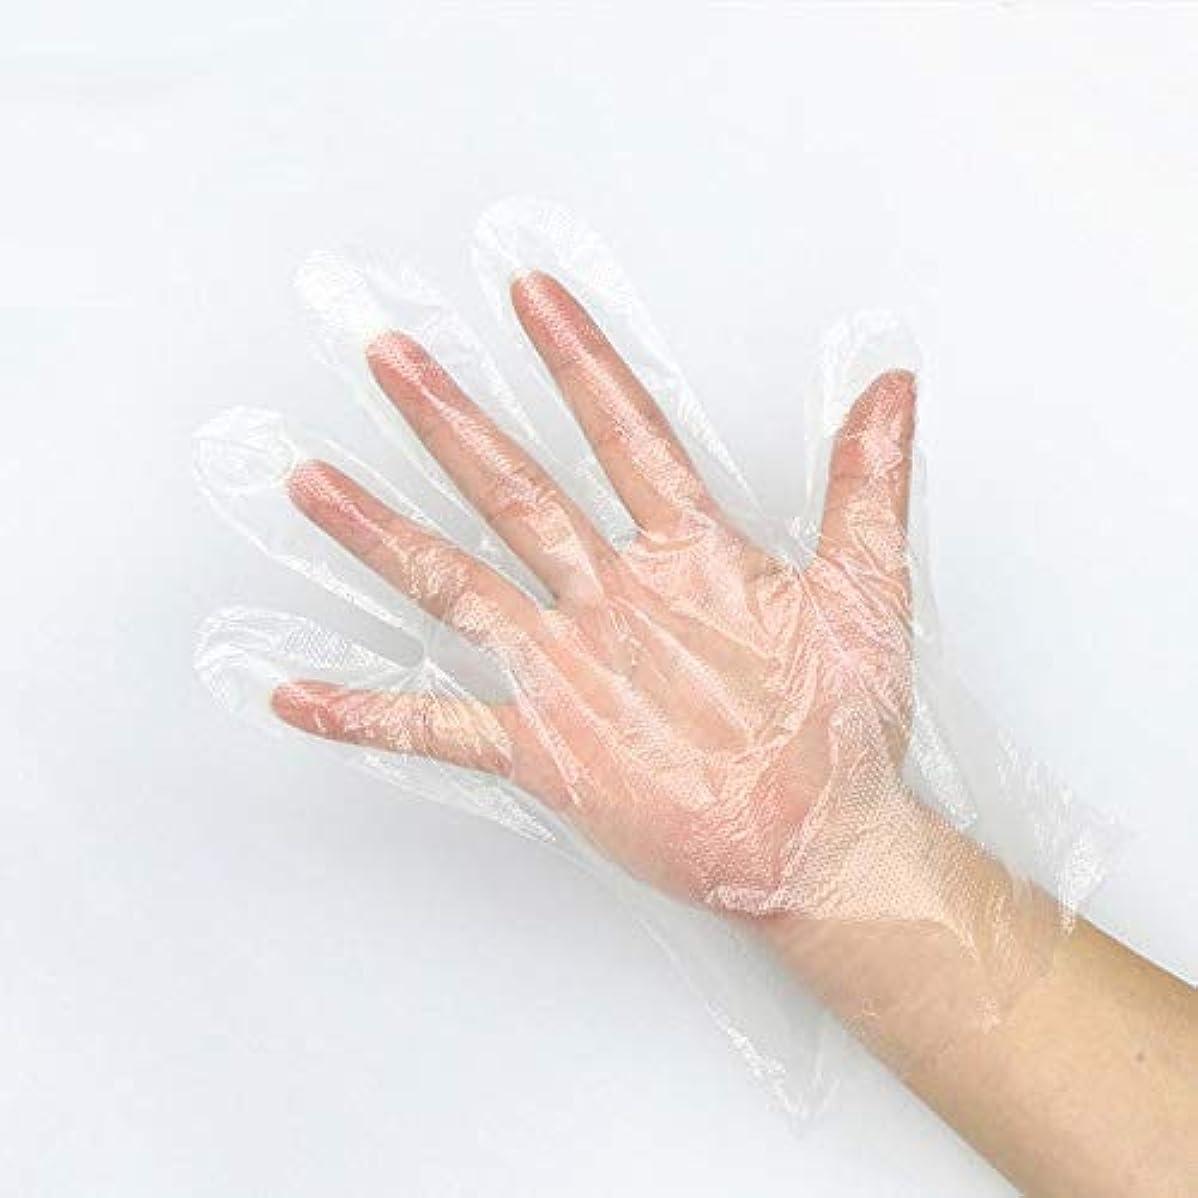 真珠のような結び目記憶に残る使い捨てのPEフィルム透明手袋1000のみ - 食品加工美容室キッチン調理健康診断用 YANW (色 : A, サイズ さいず : 0.9G)